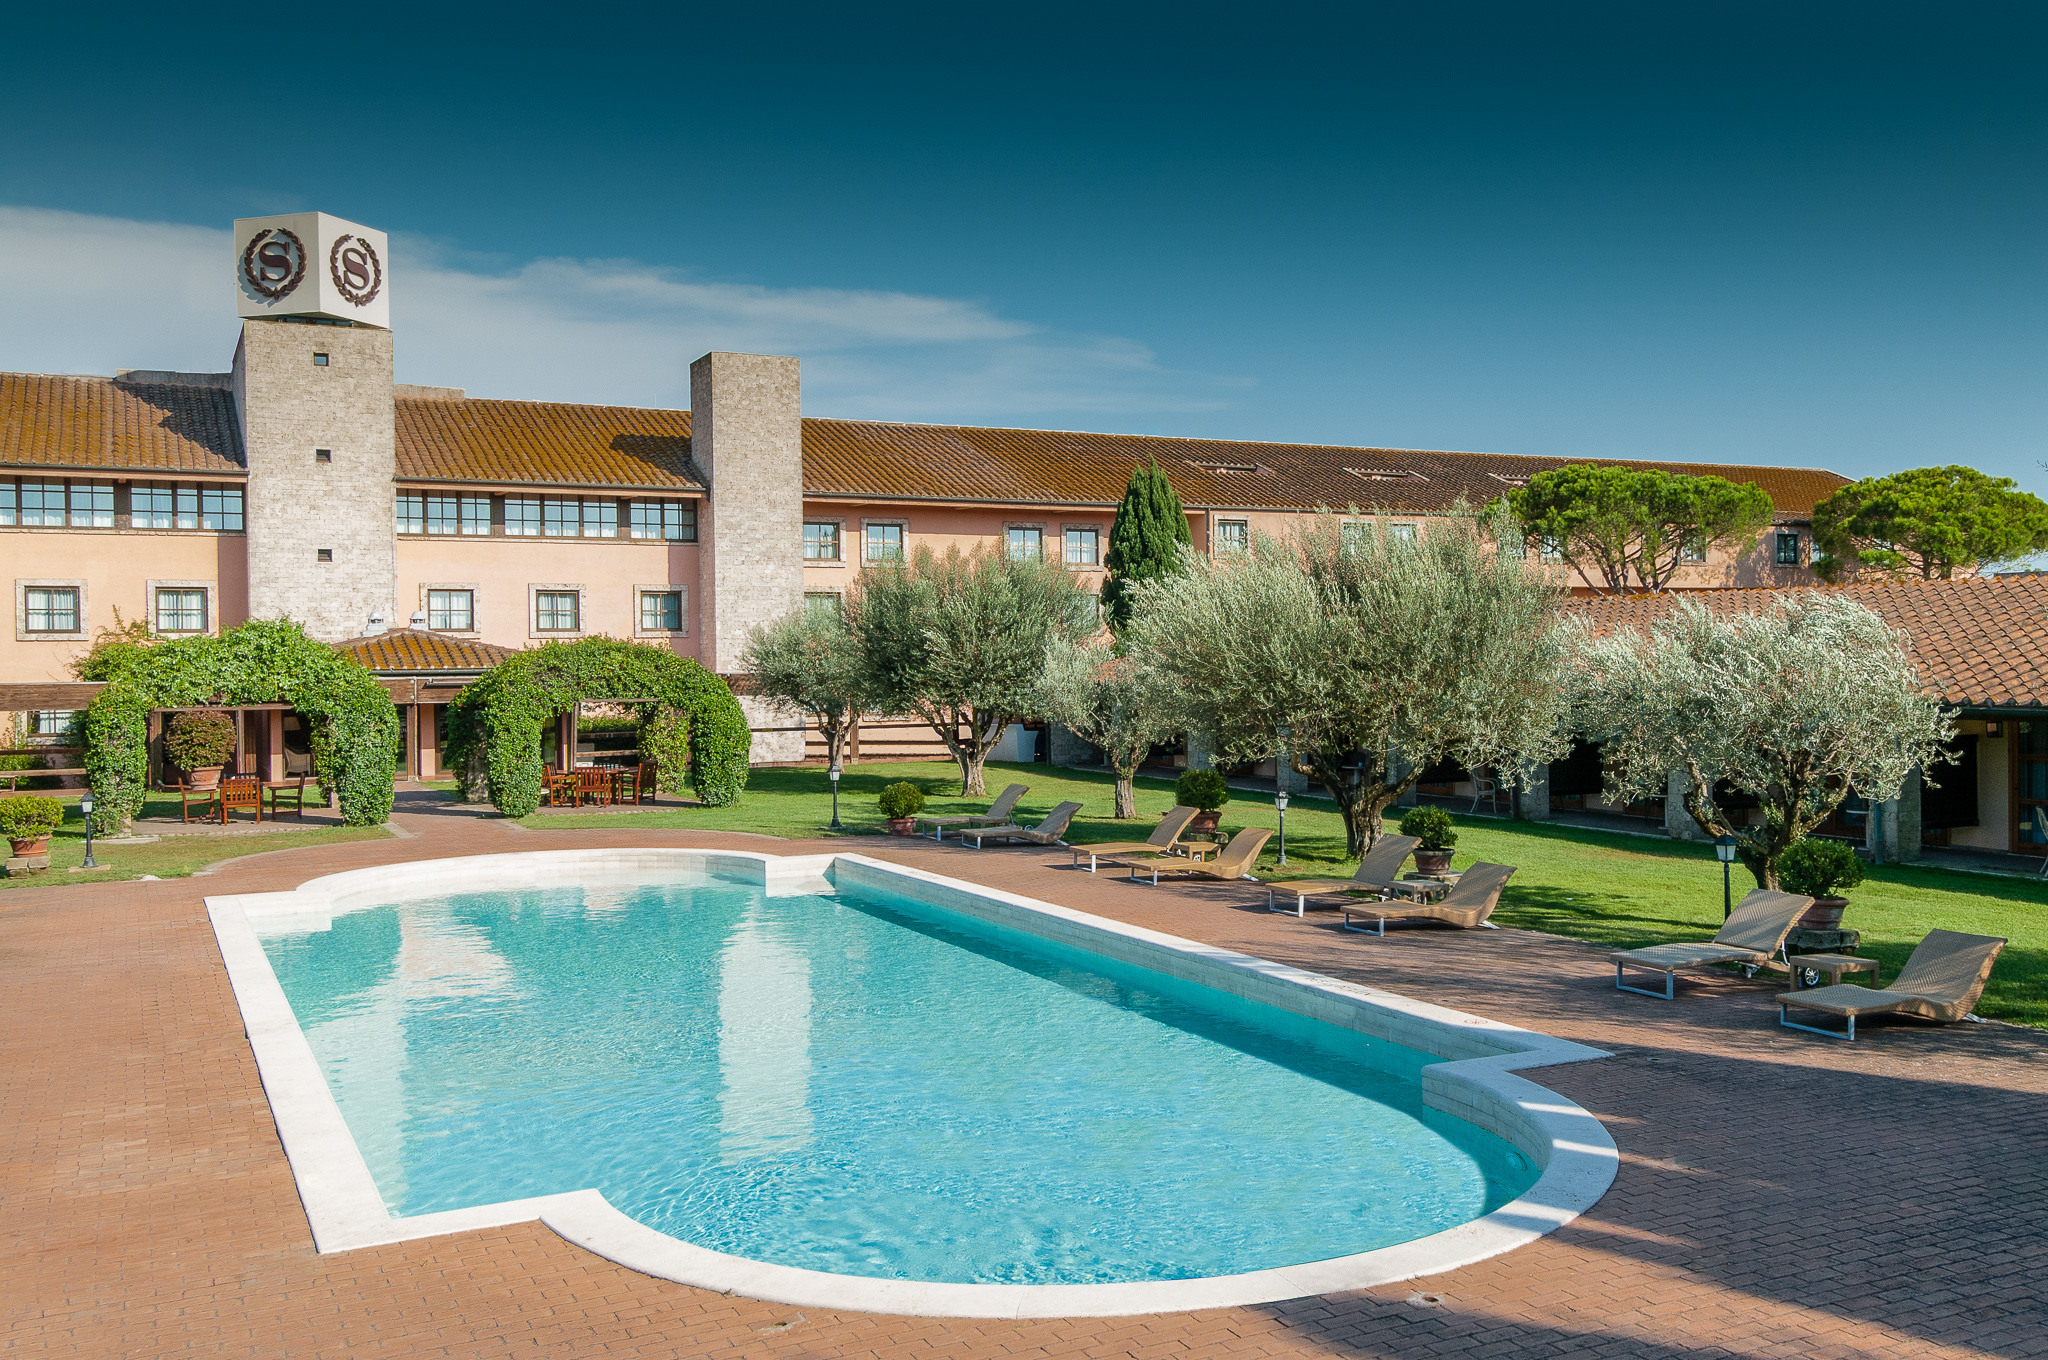 Parco_dé_Medici_pool